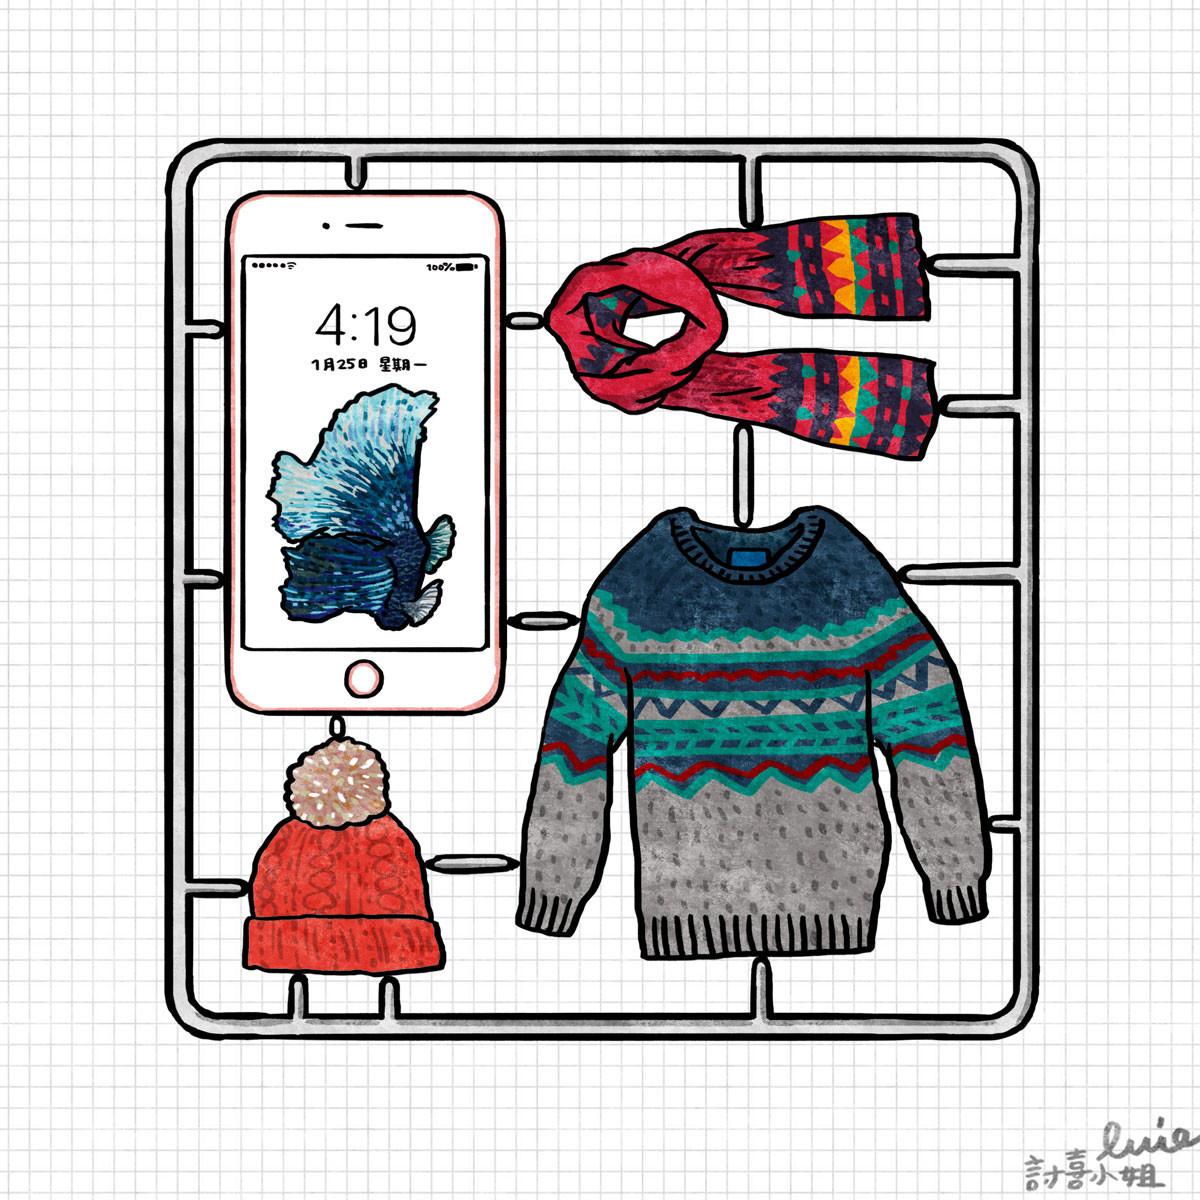 是今日新聞淺談:iPhone 比你更怕冷...,天氣太冷手機會自動關機這篇文章的首圖